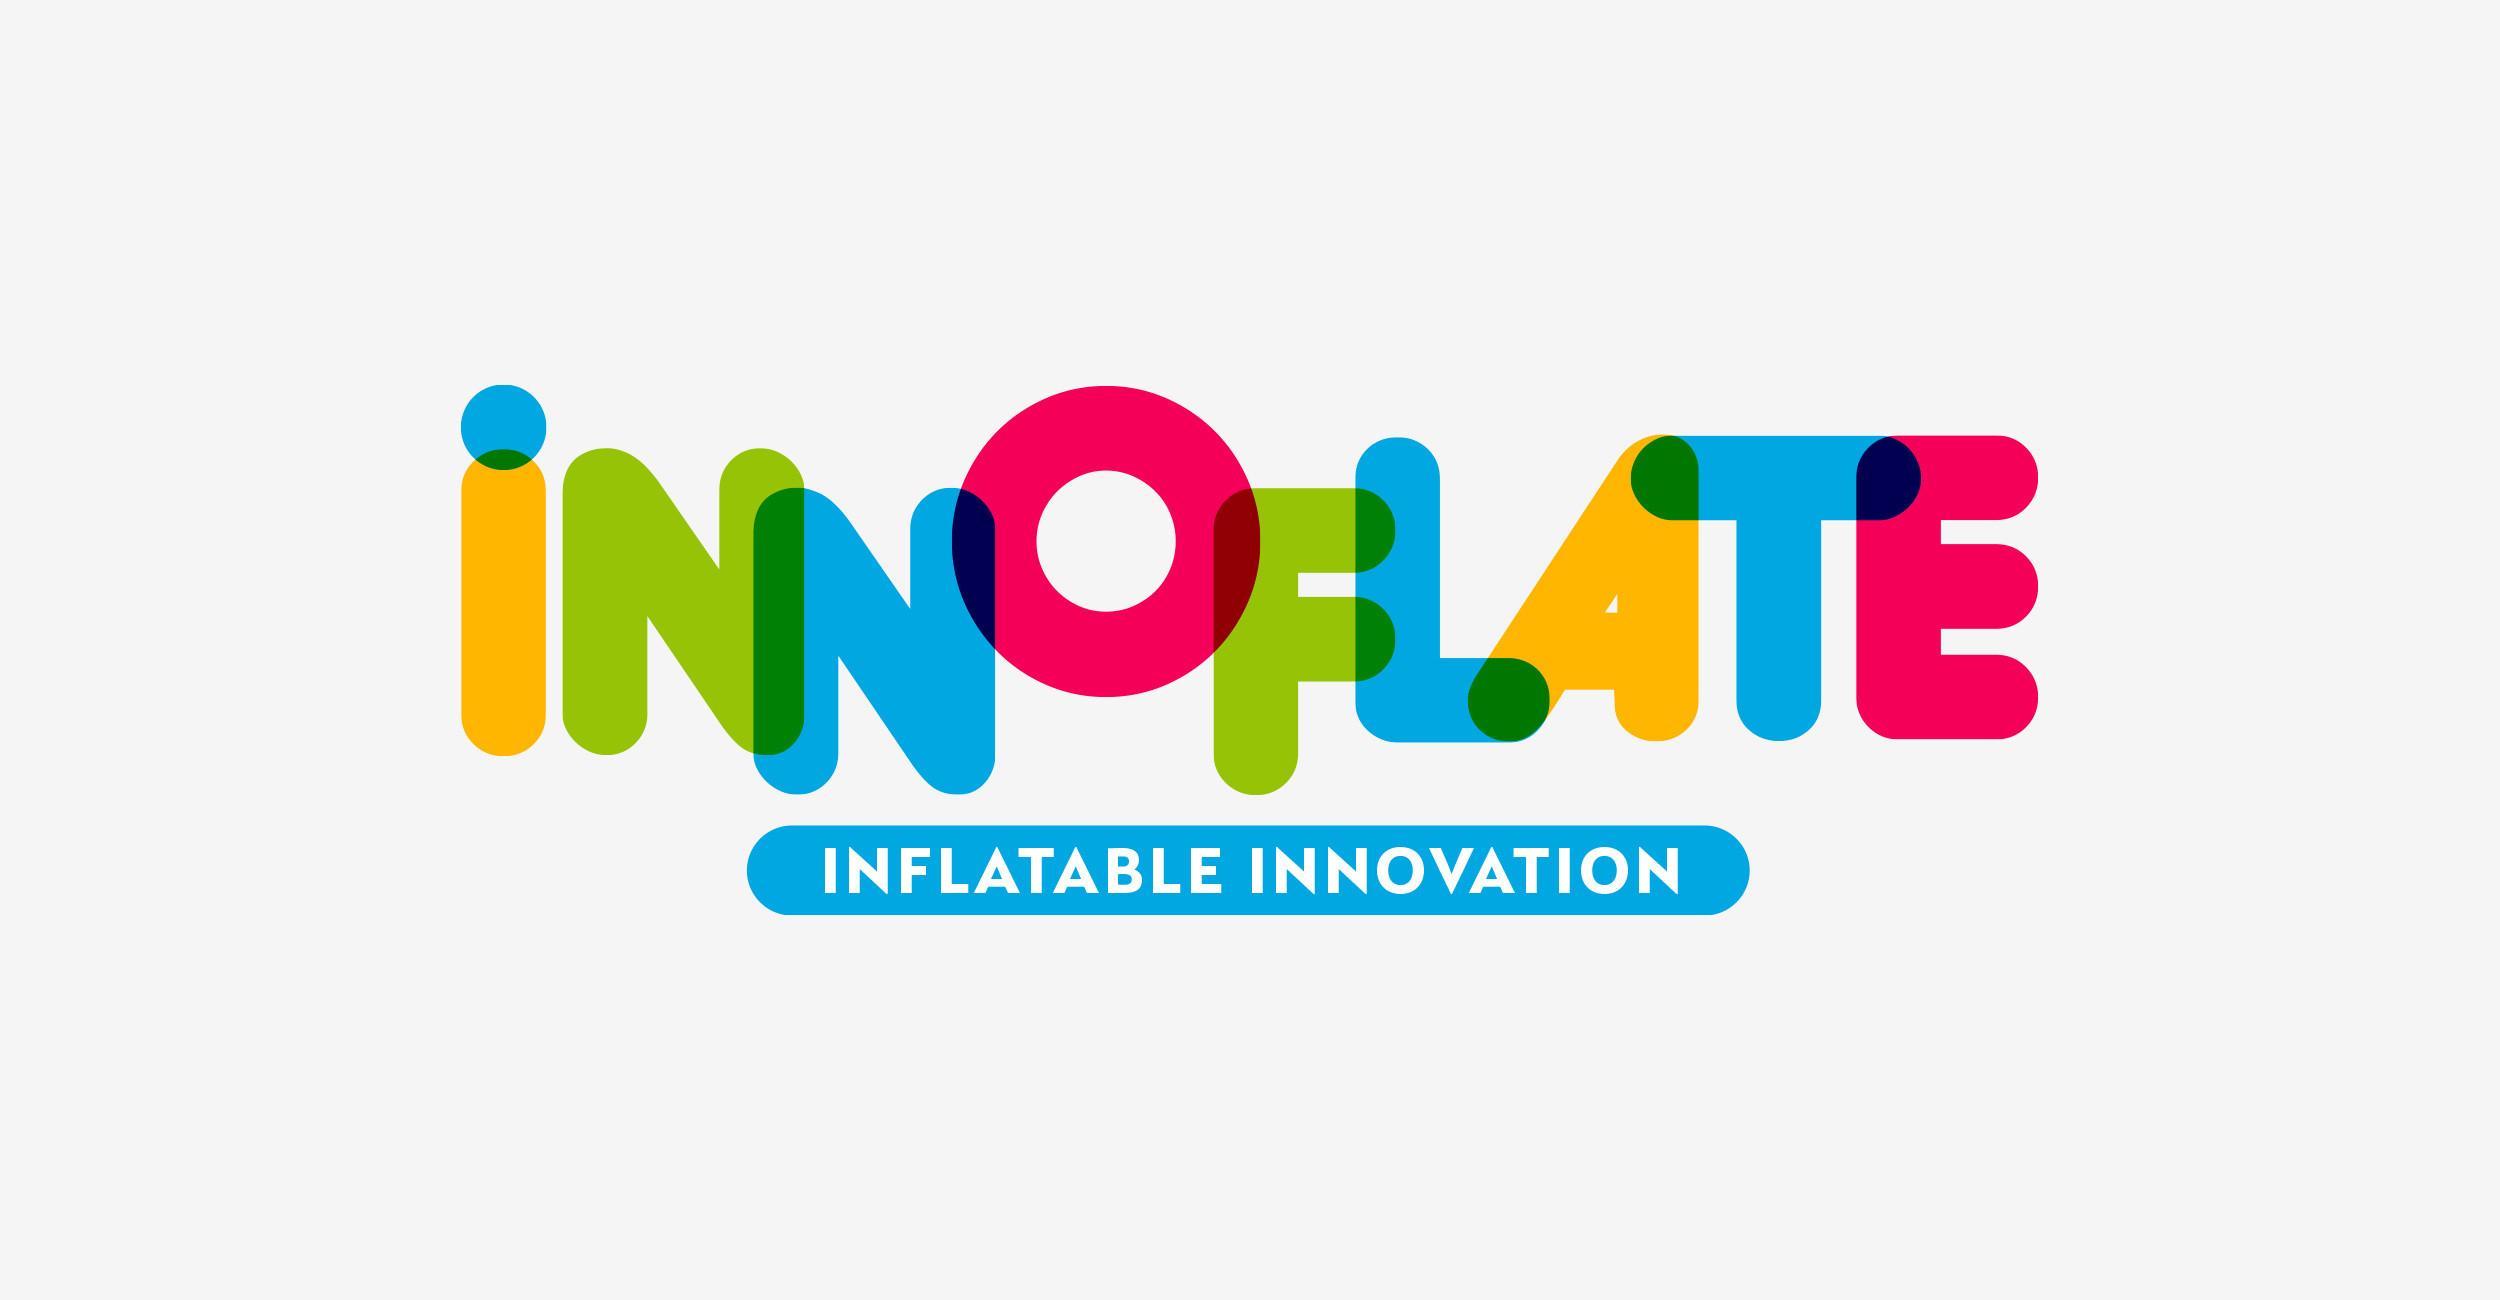 Innoflate